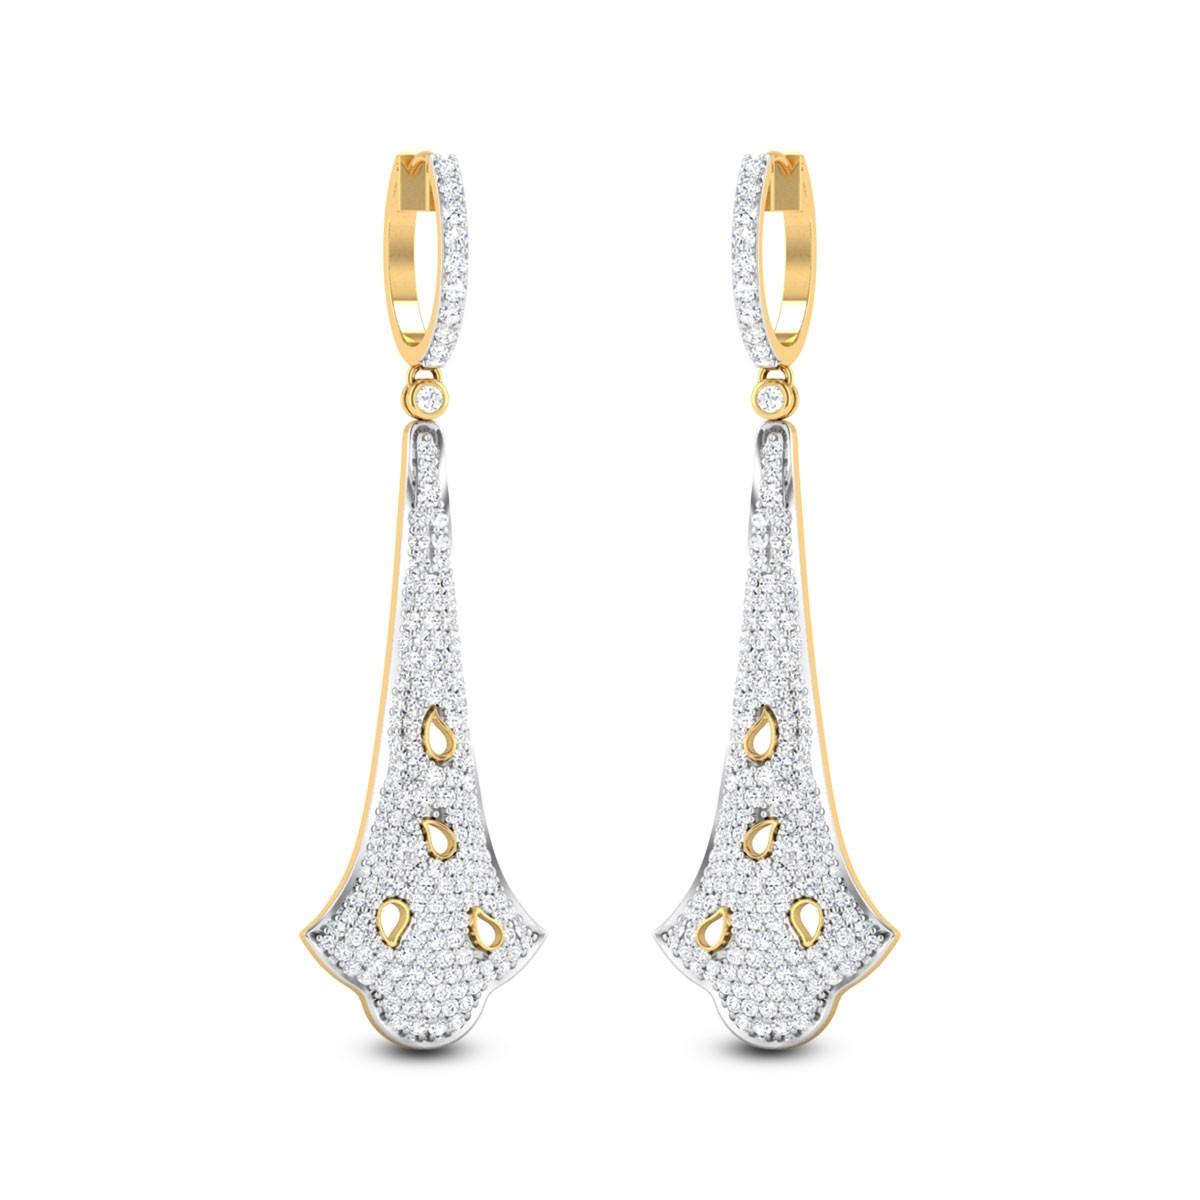 Bouvardia Diamond Earrings